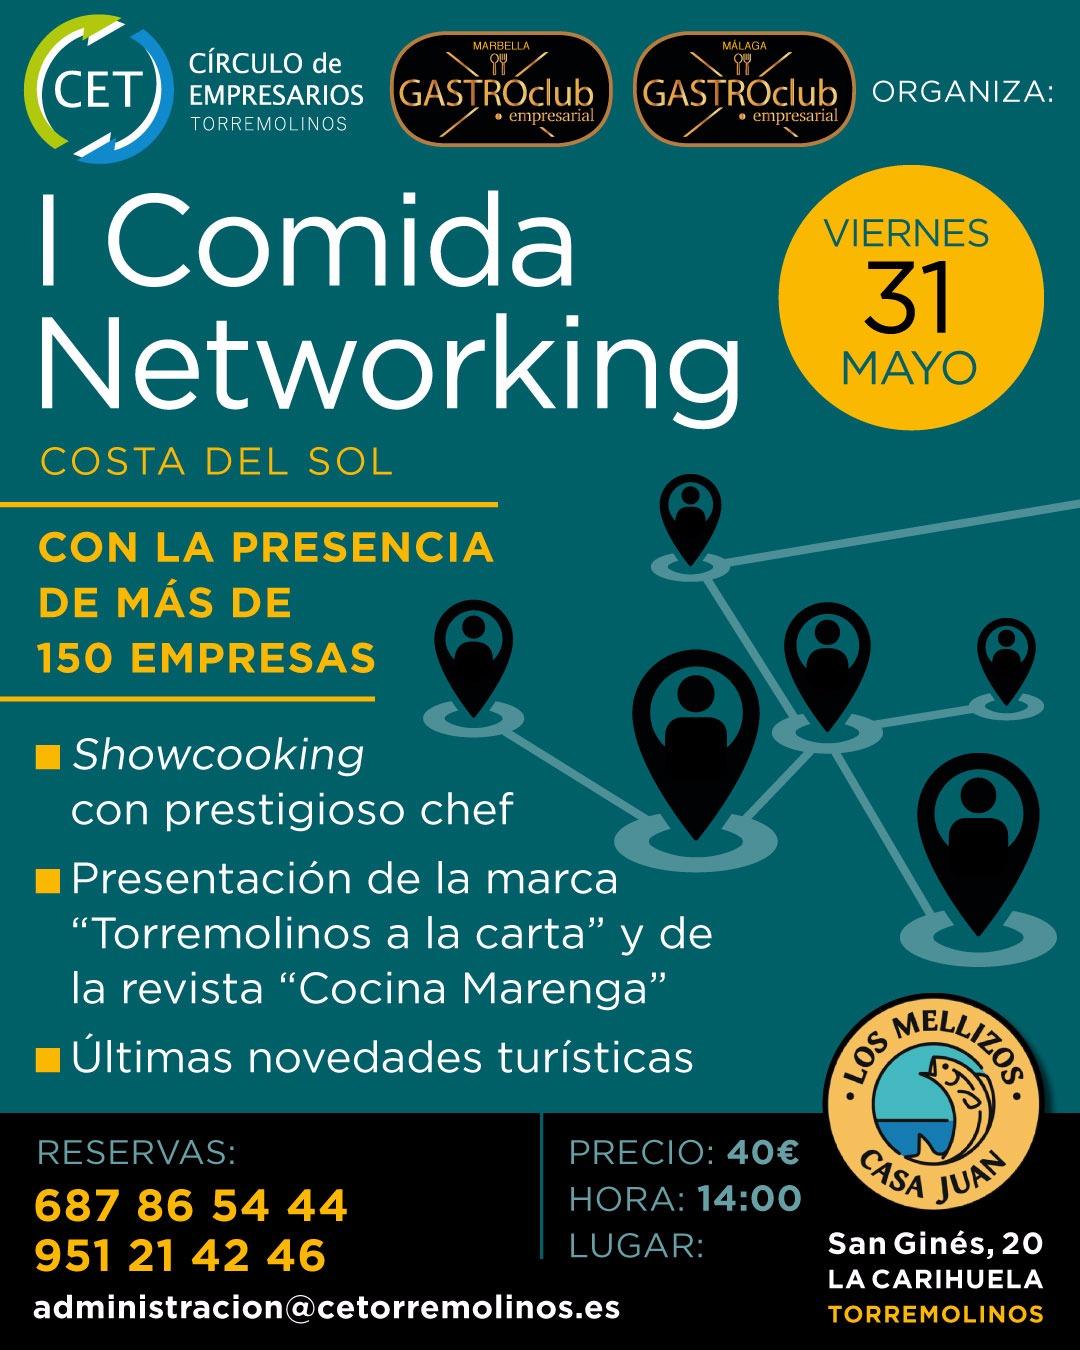 Networking Circulo empresarios